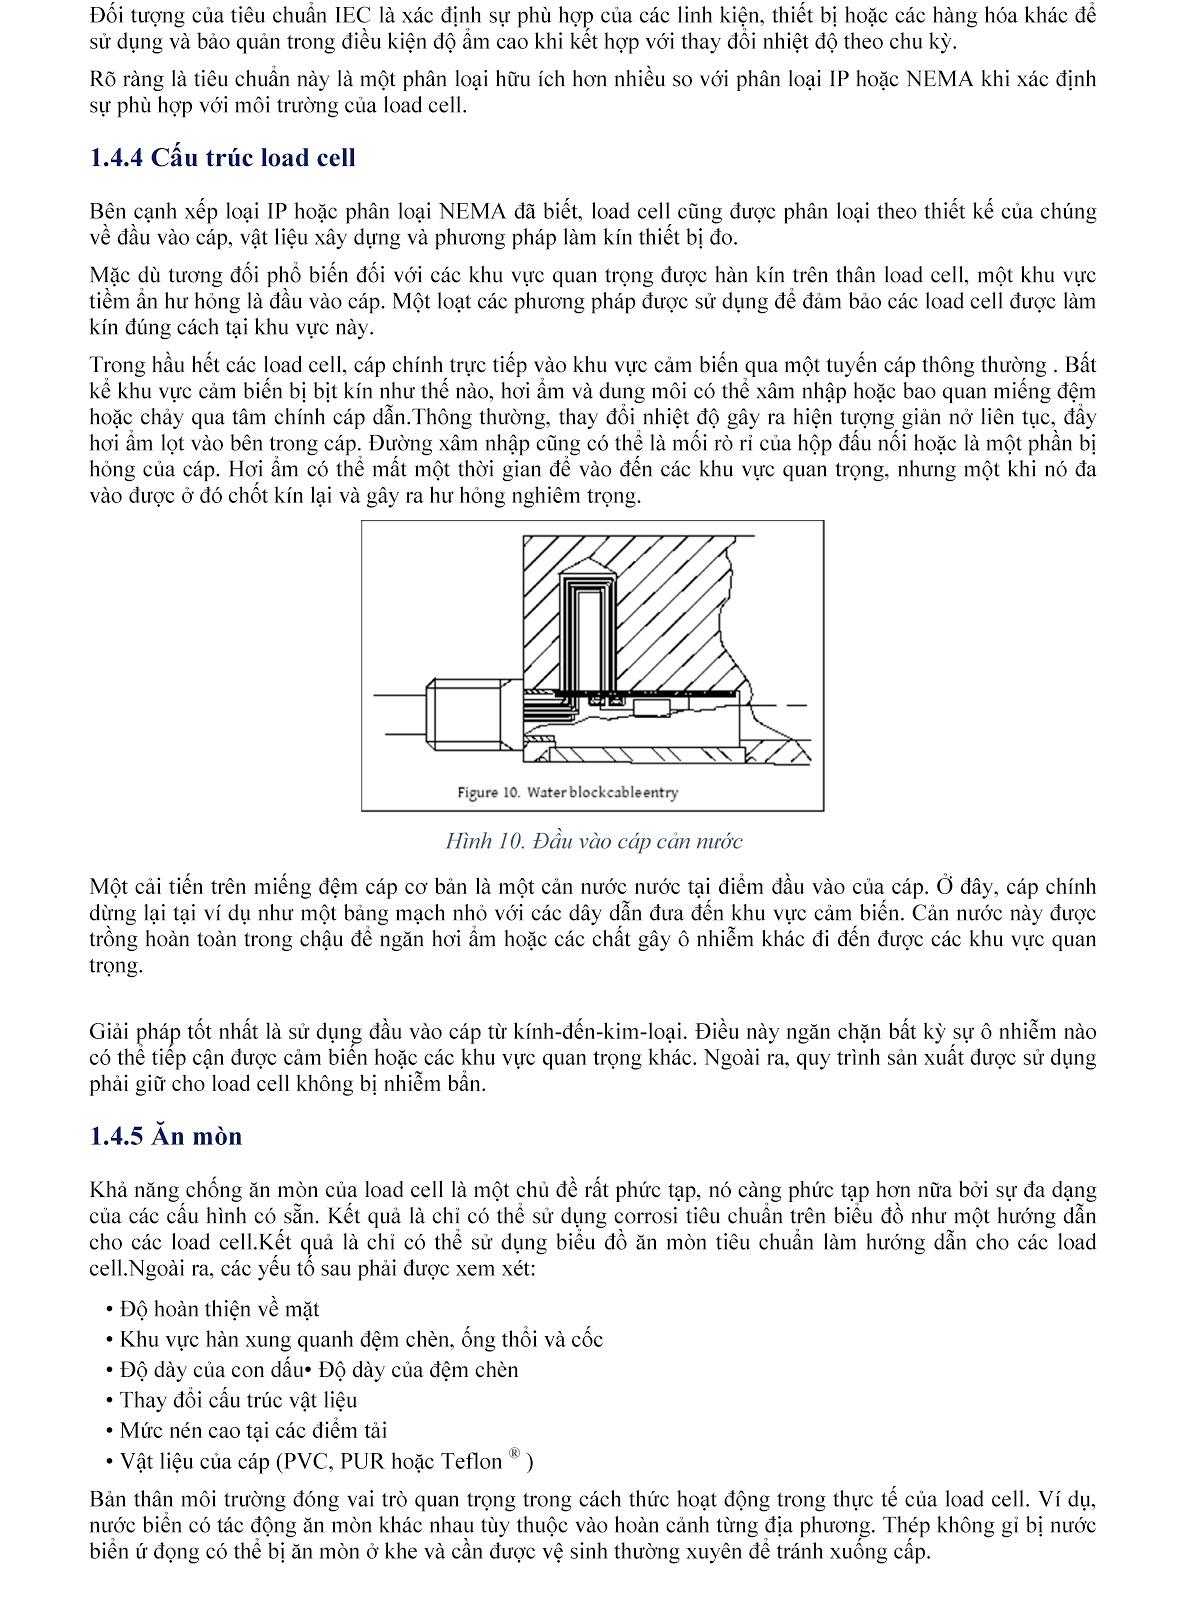 Lưu ý kỹ thuật về Load cell và module cân điện tử (tt) 9